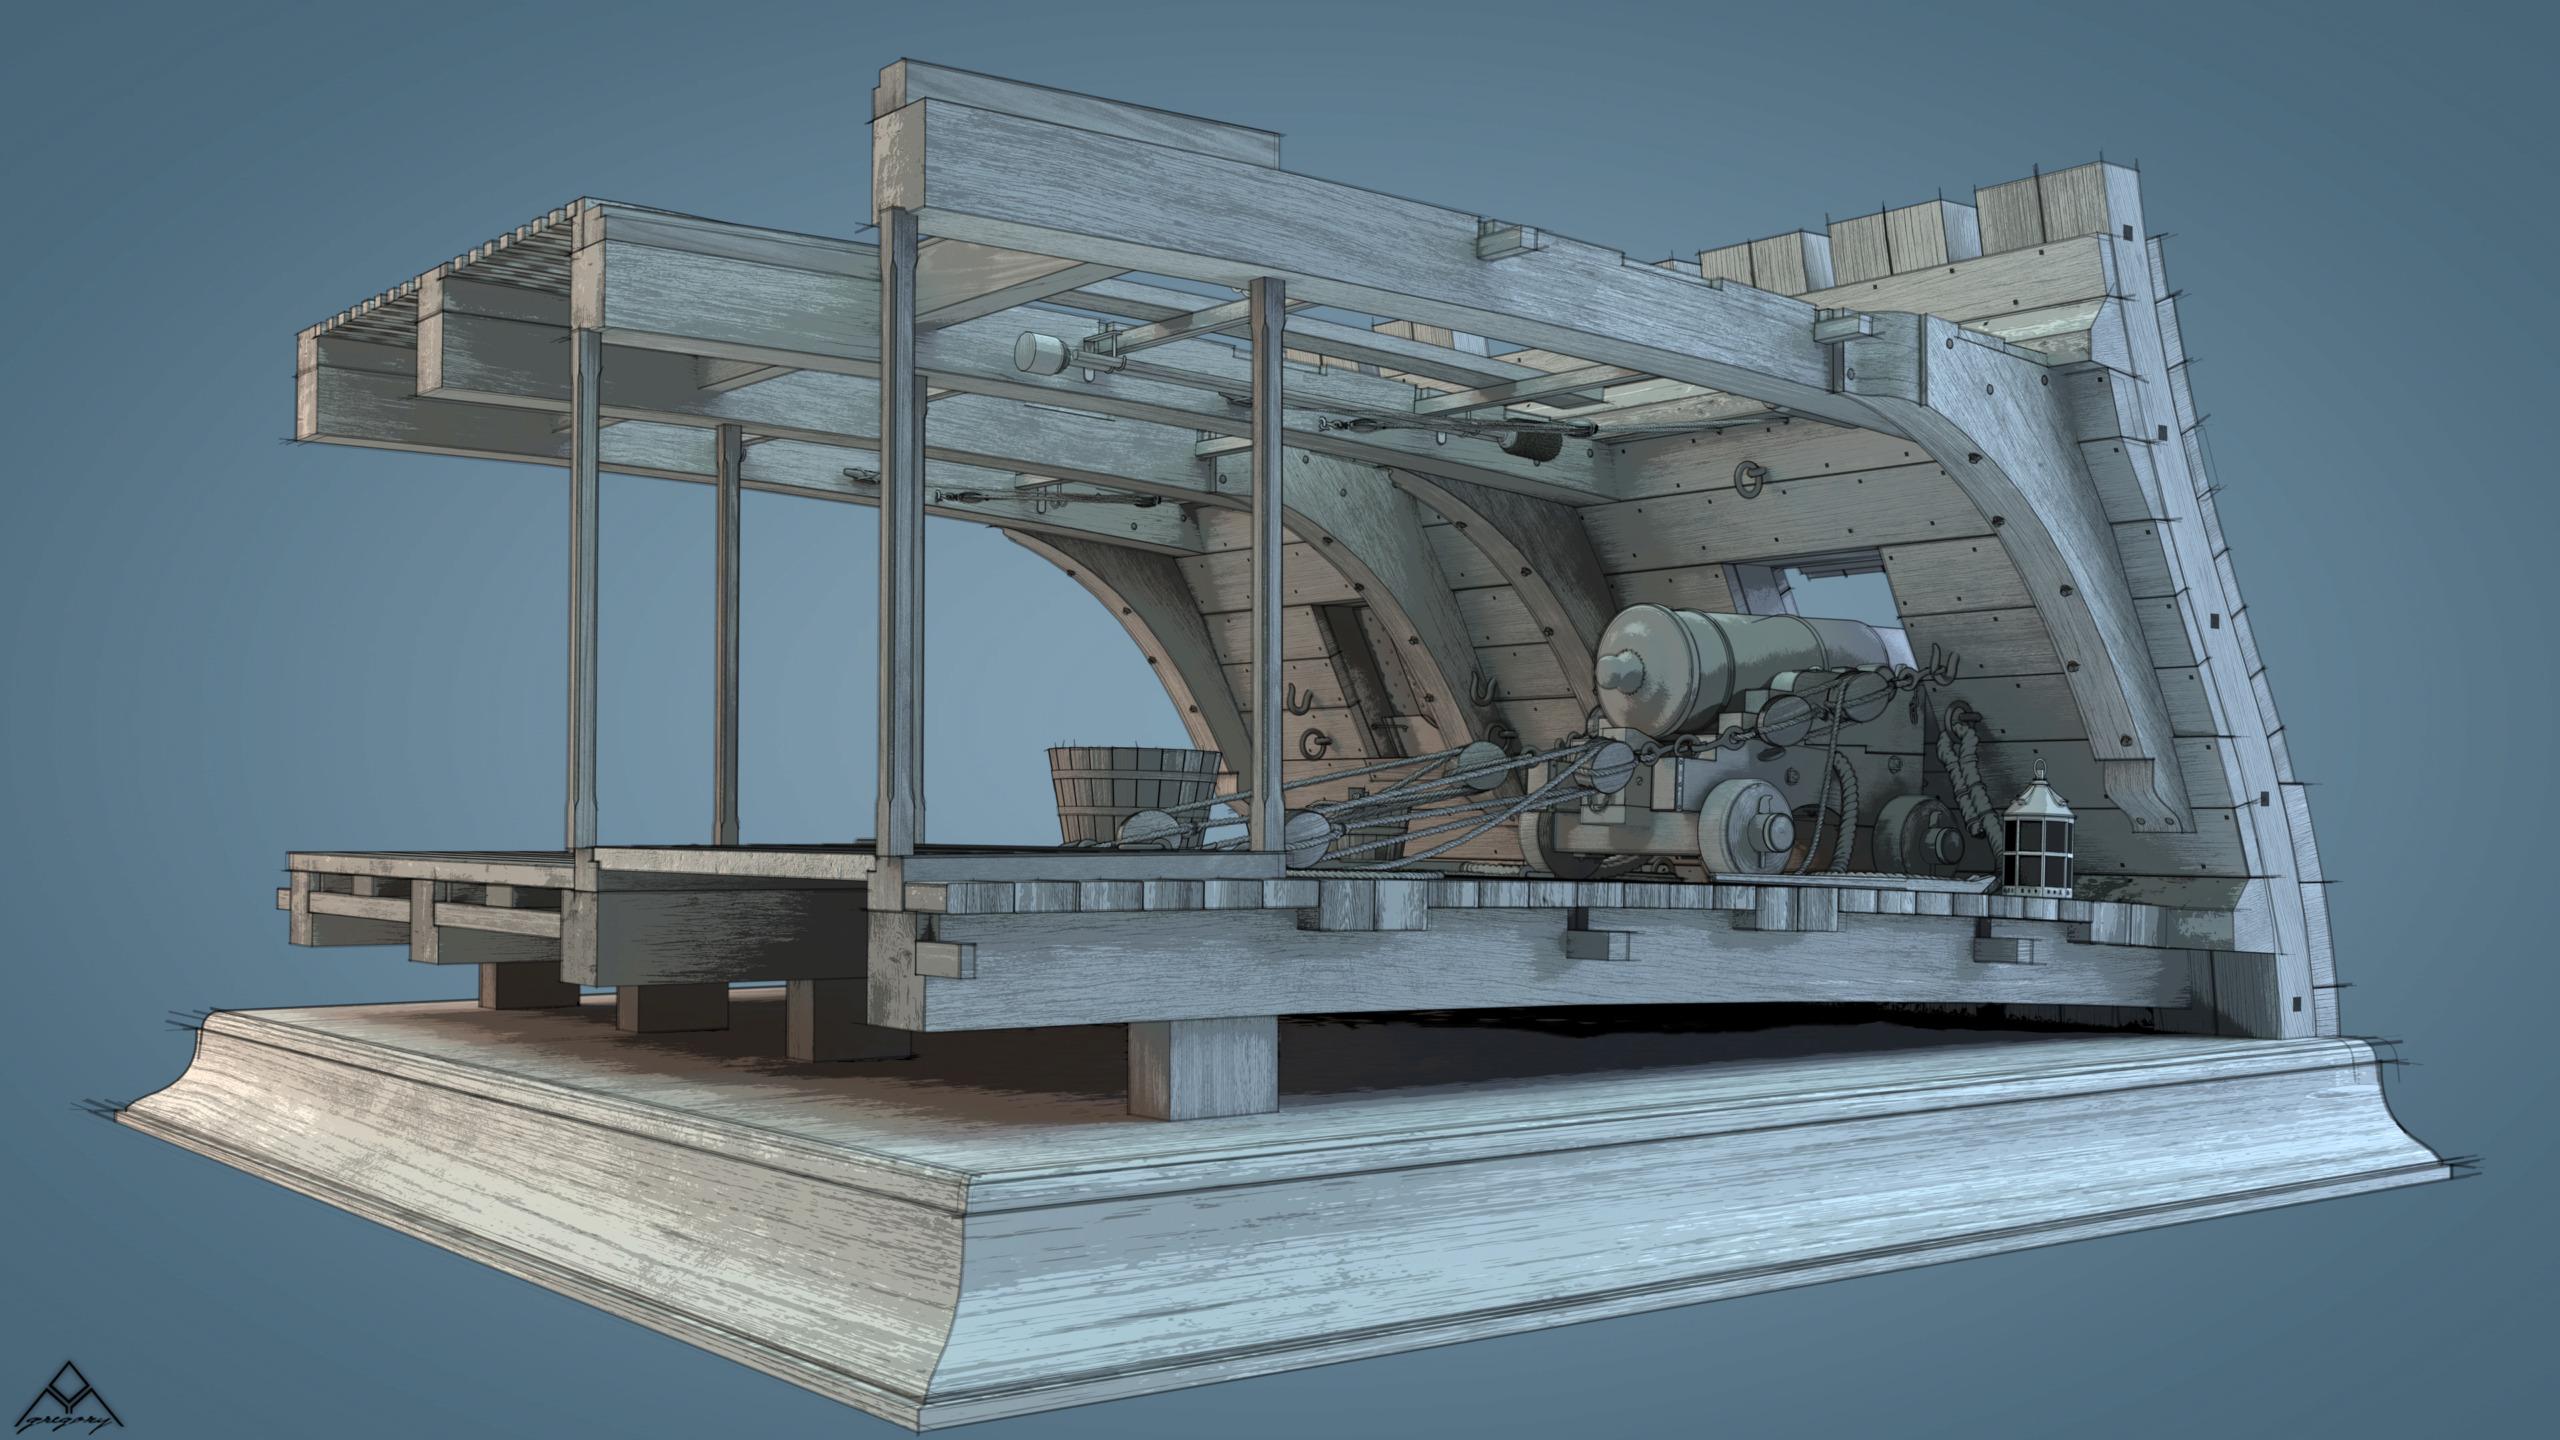 Canons de vaisseau 74 canons (Création 3D) par Greg_3D - Page 9 Rendu115